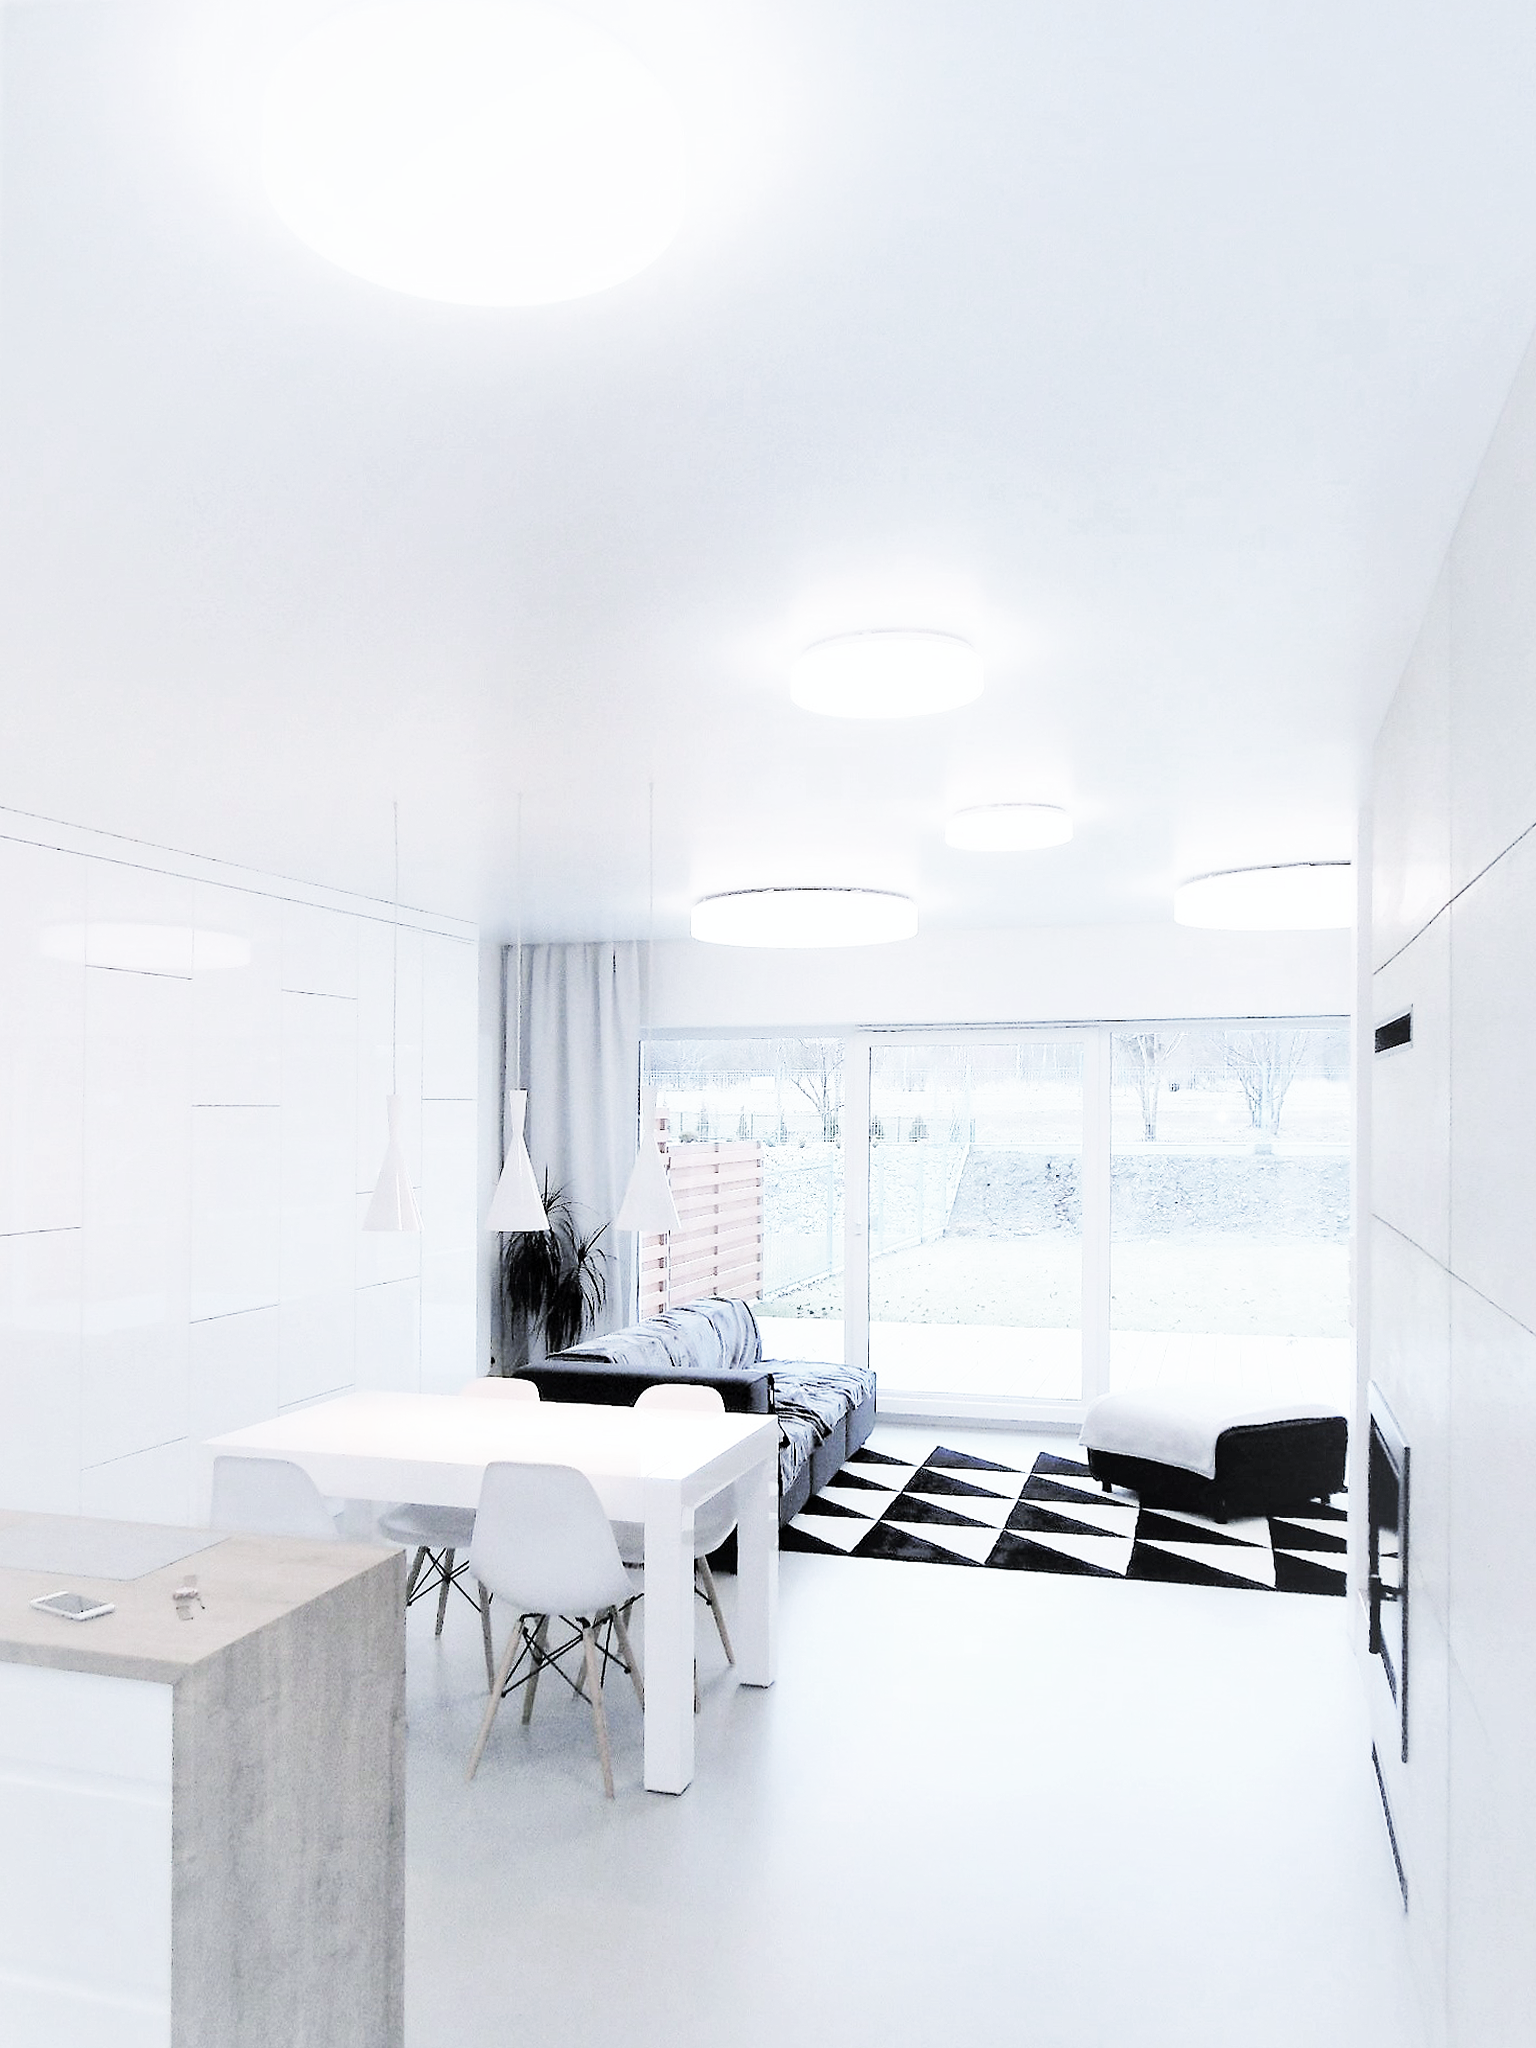 projekt wnetrz domu katowice warszawa krakow lodz apartament aranzacja sabina rehlich rea architekt architektura wnetrza meble loft osiedle